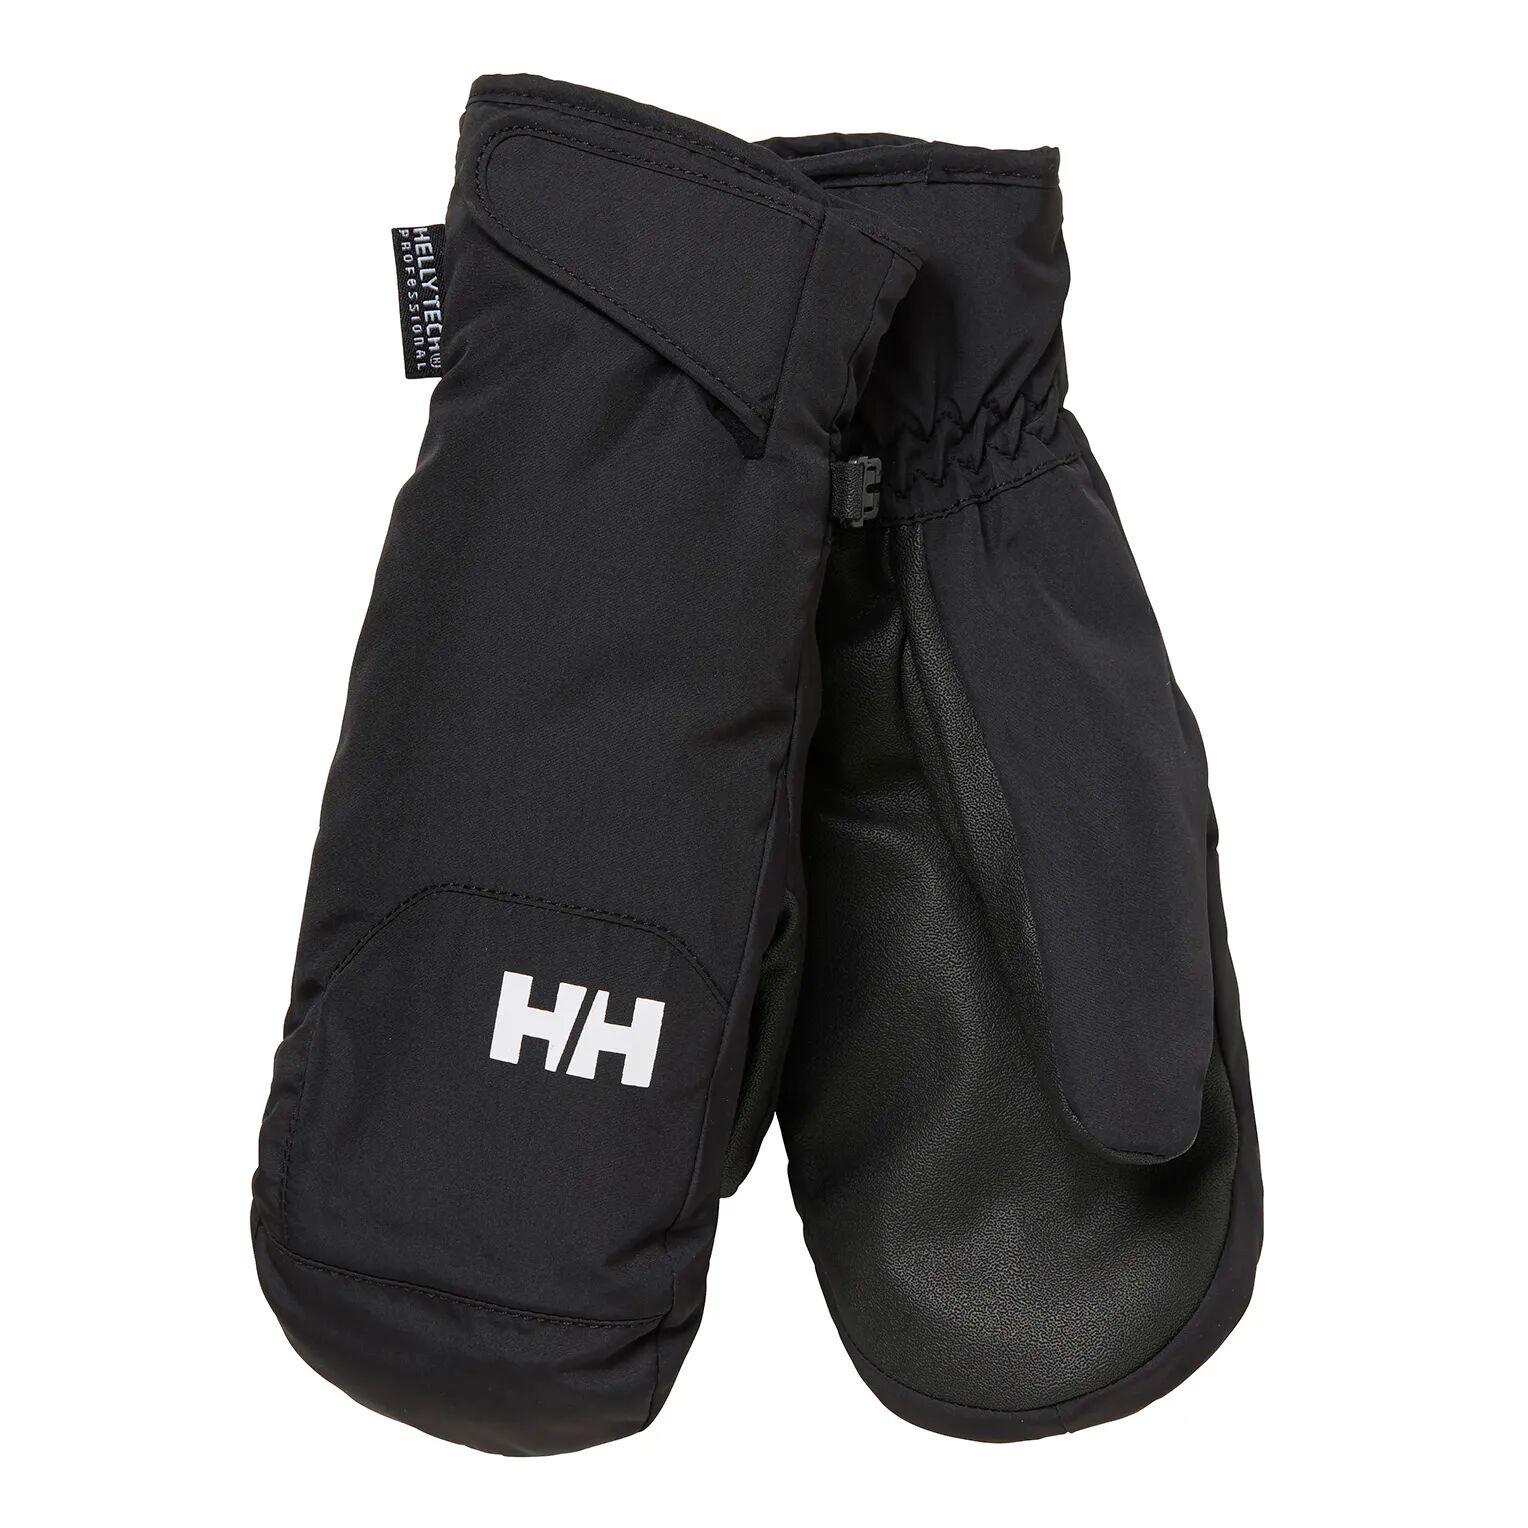 Helly Hansen Junior Swift Ht Mitten Kids Black XS